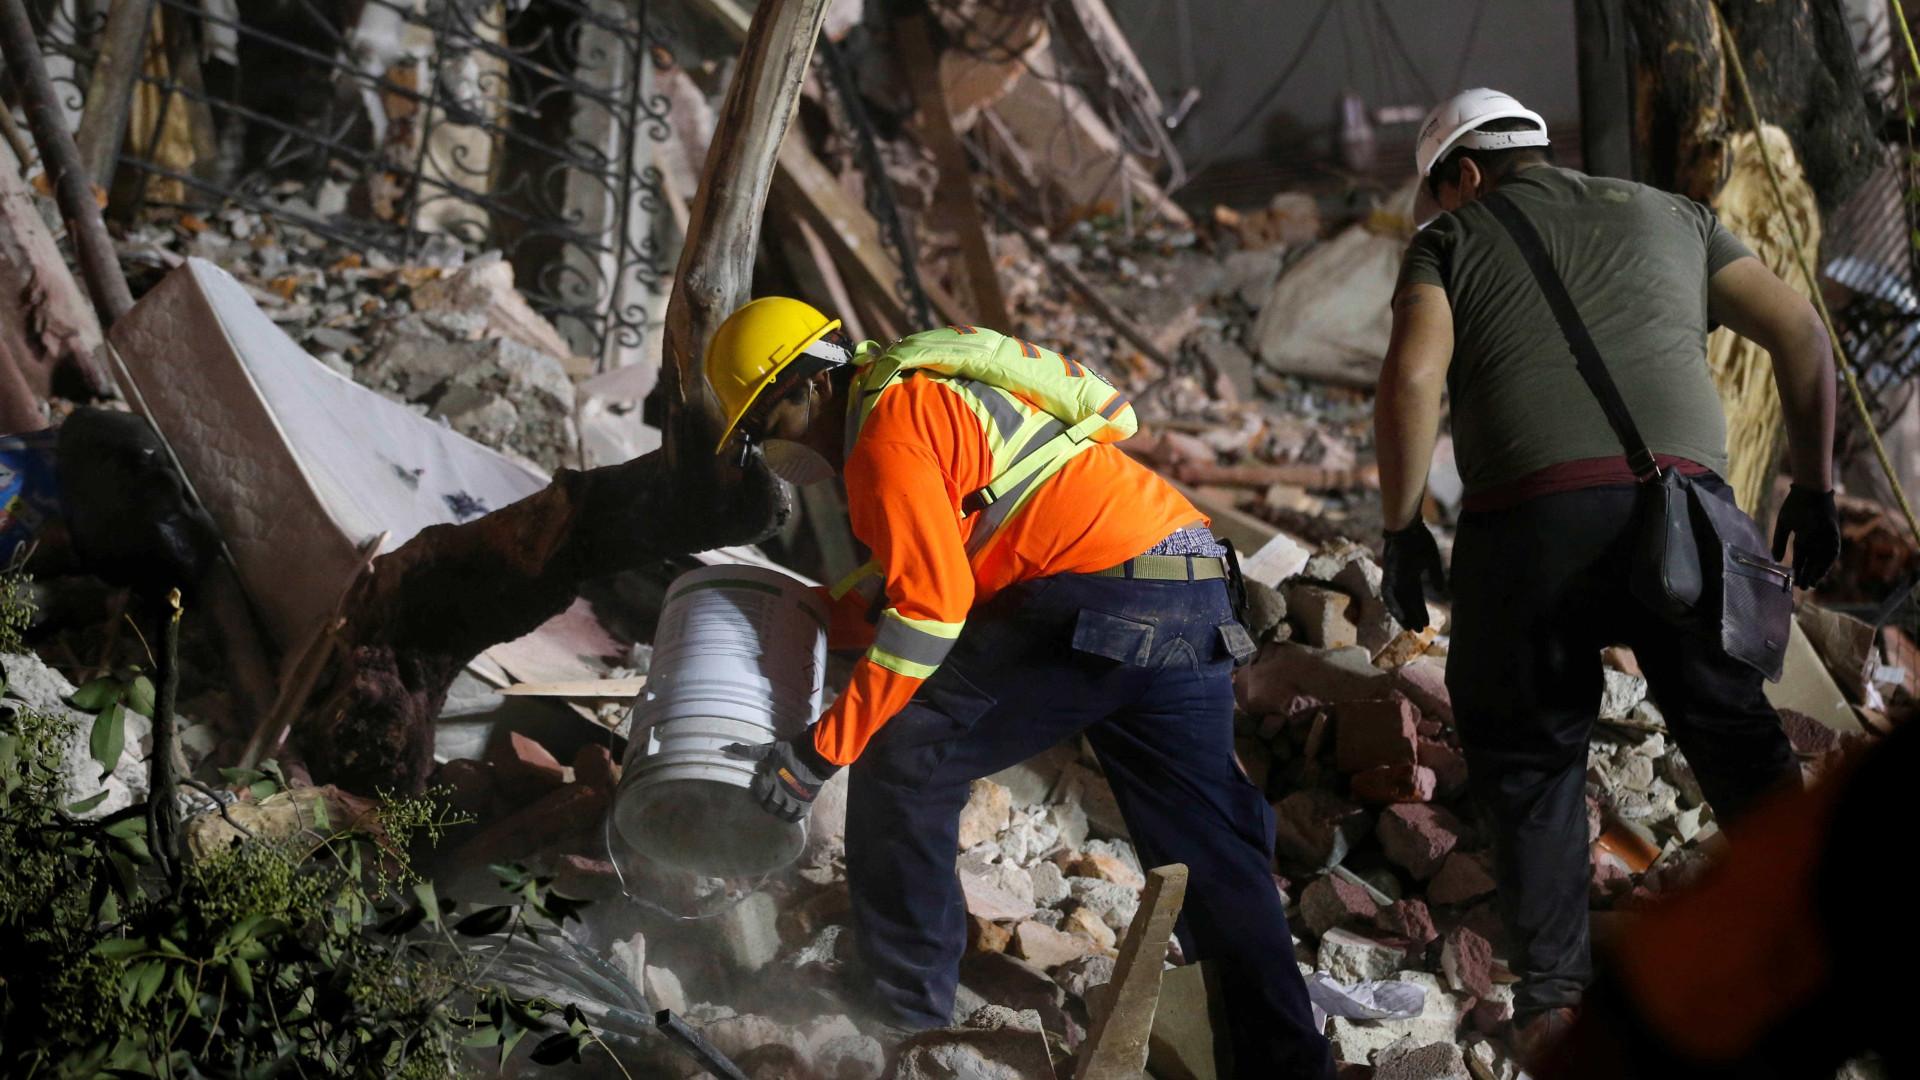 México: Novo balanço do sismo indica 292 mortos e 42 desaparecidos